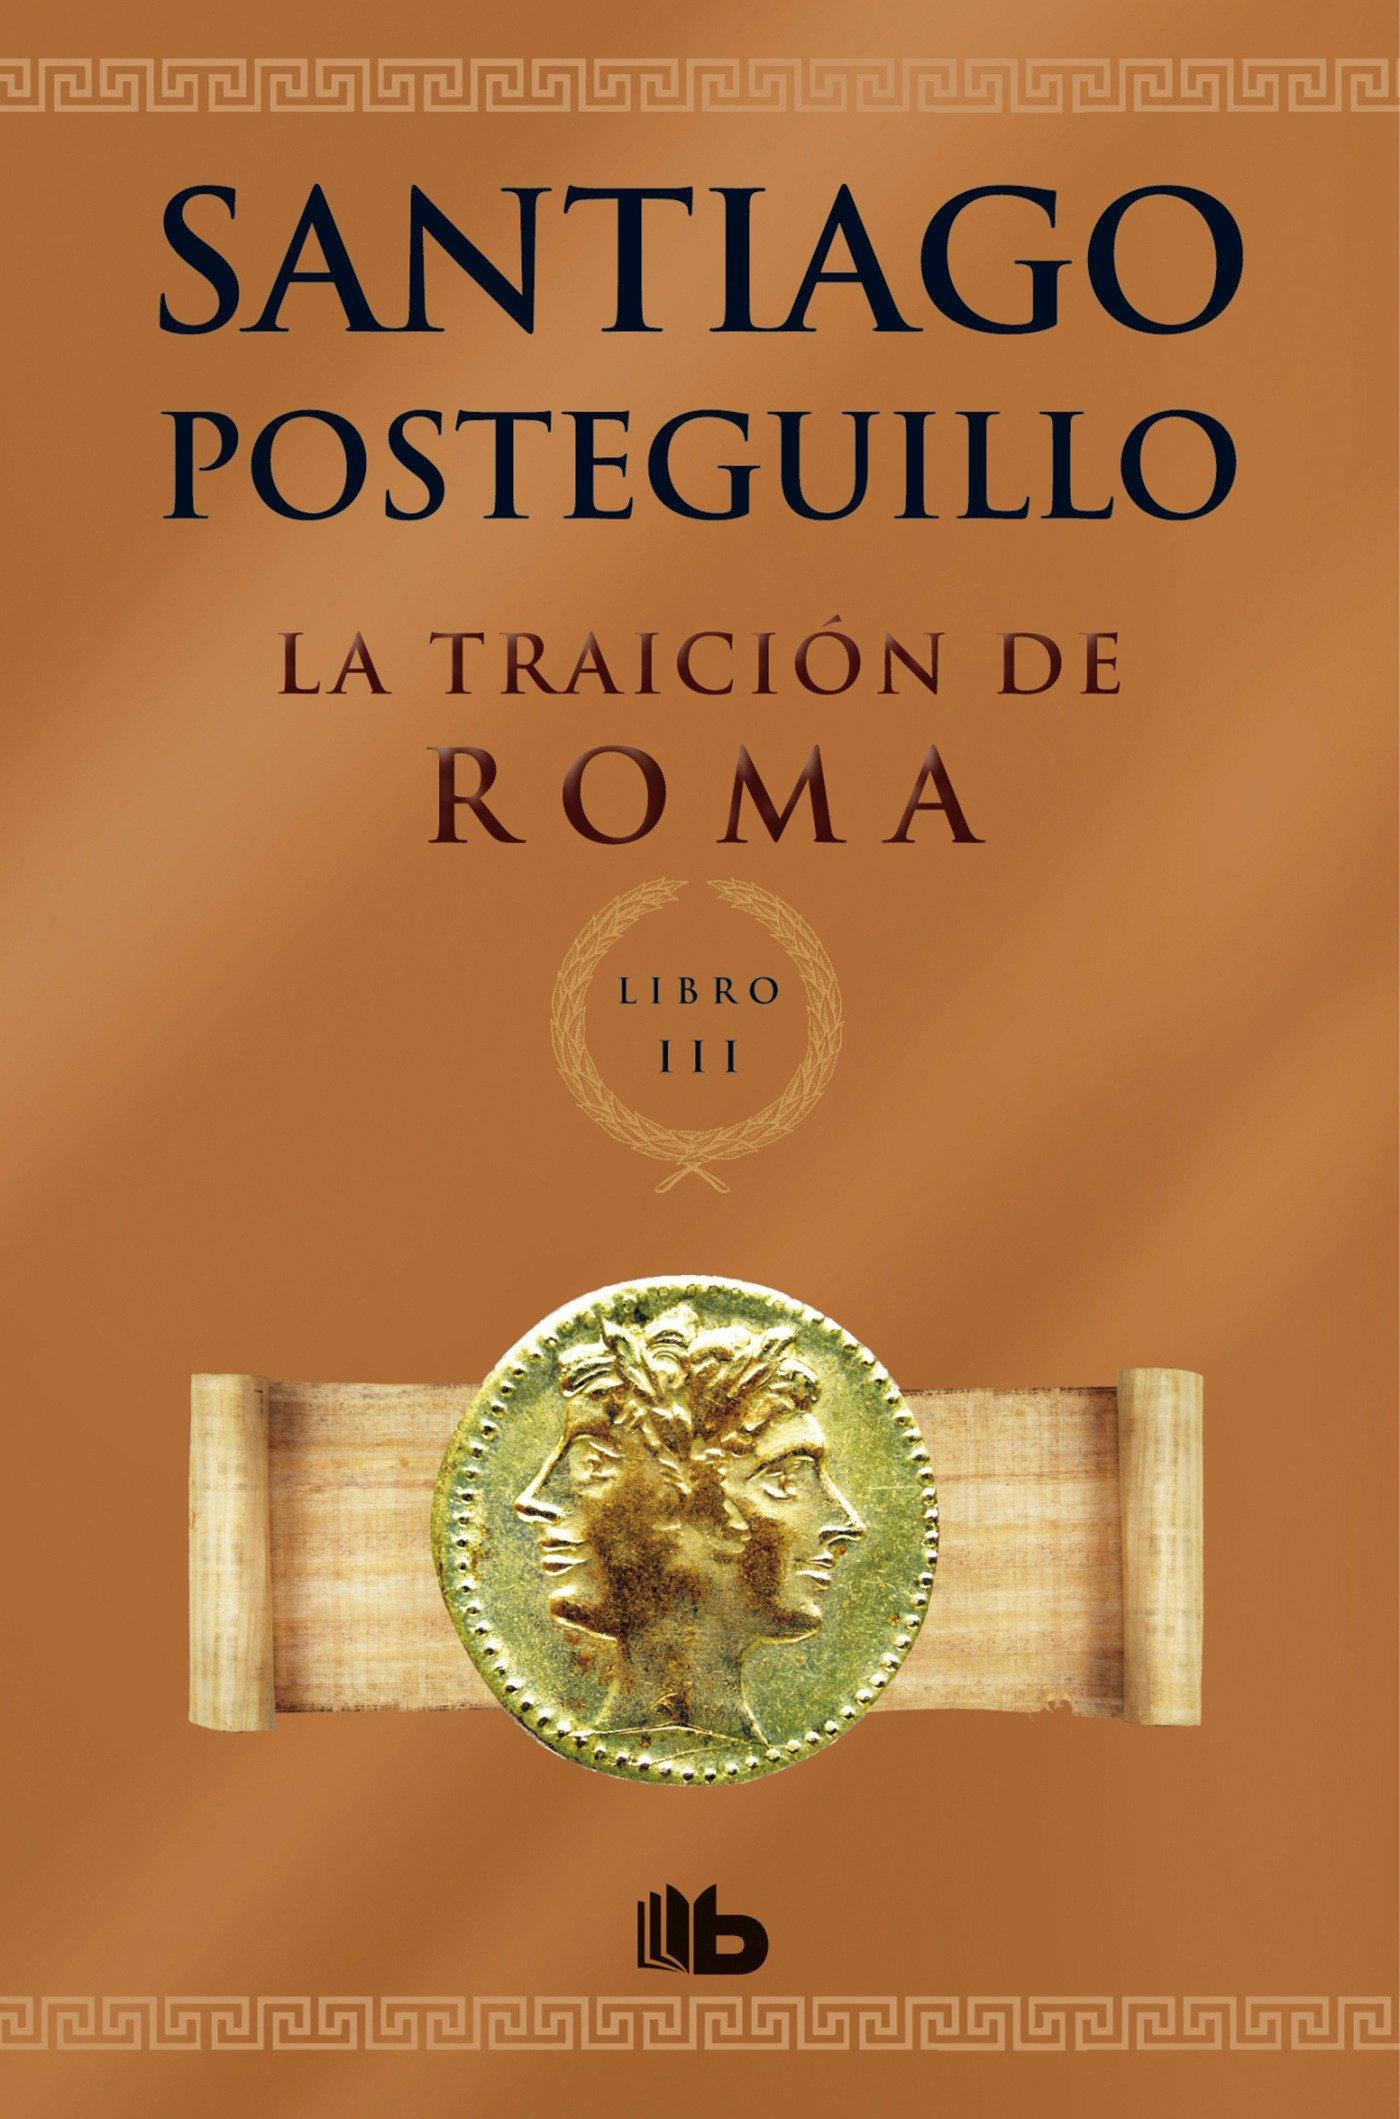 La traición de Roma / The Treachery of Rome (B DE BOLSILLO, Band 603001)